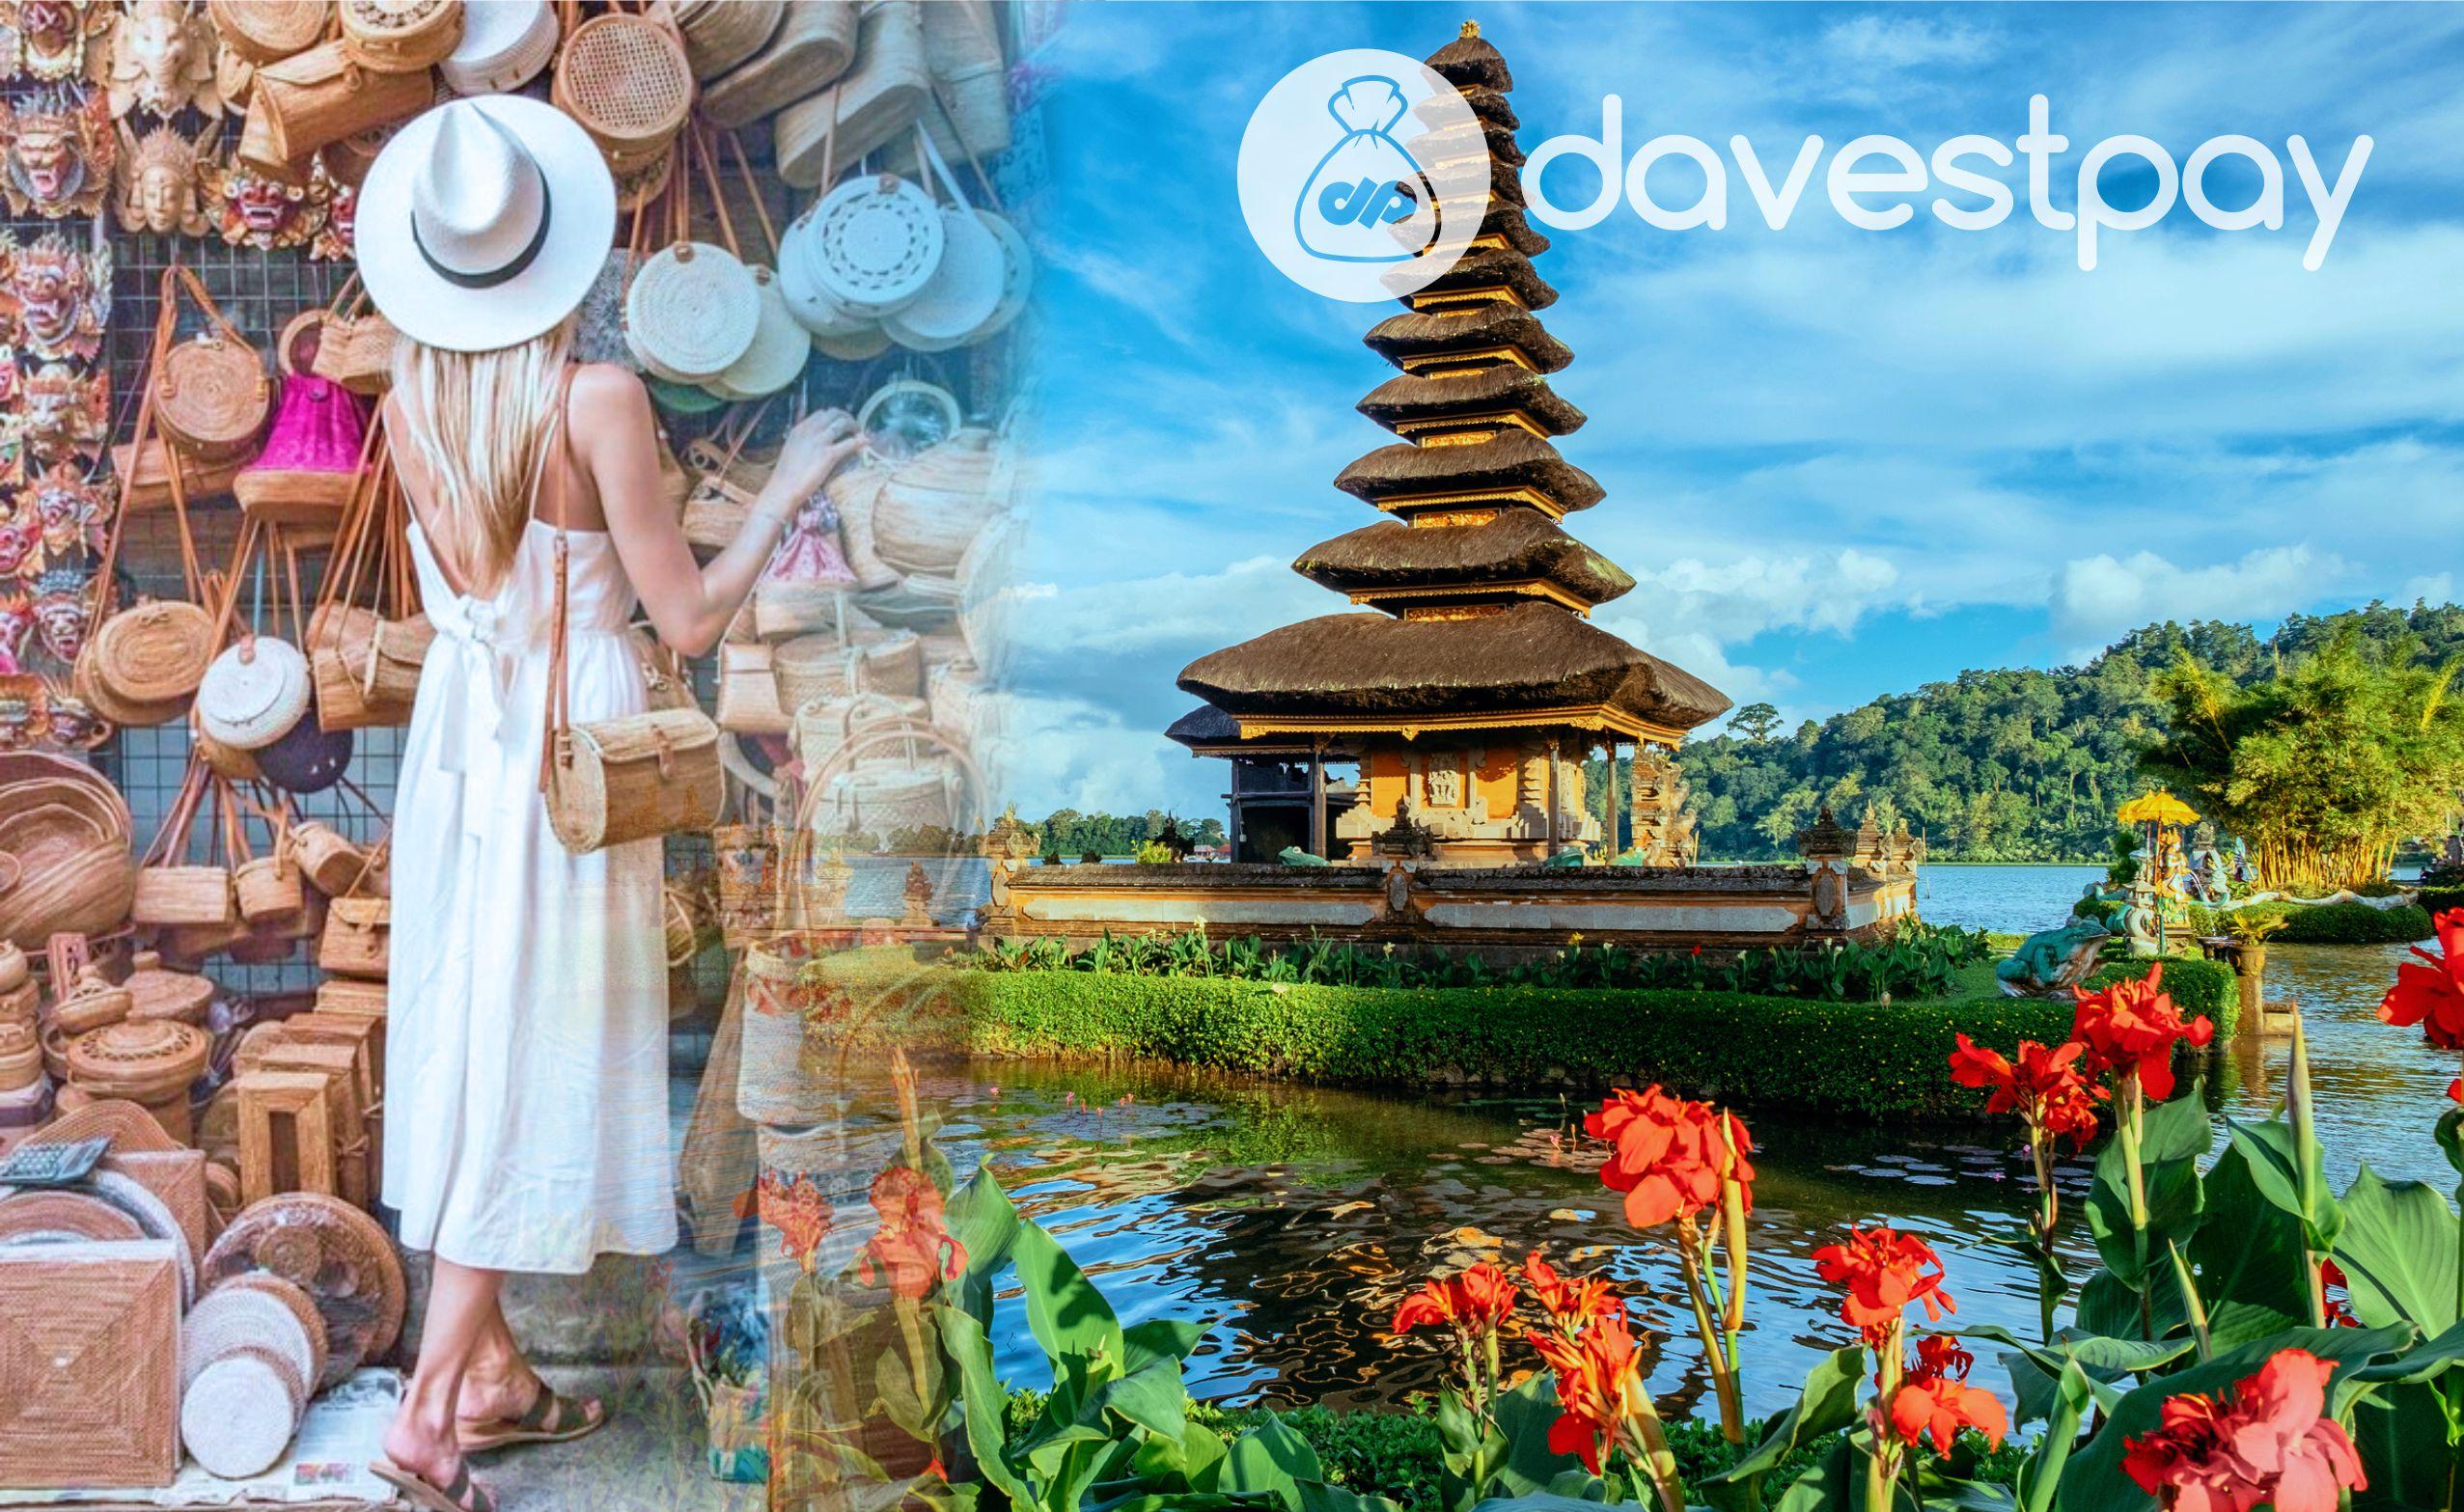 Ingin Ke Bali? Simak Tempat Wisata Belanja Terbaik !